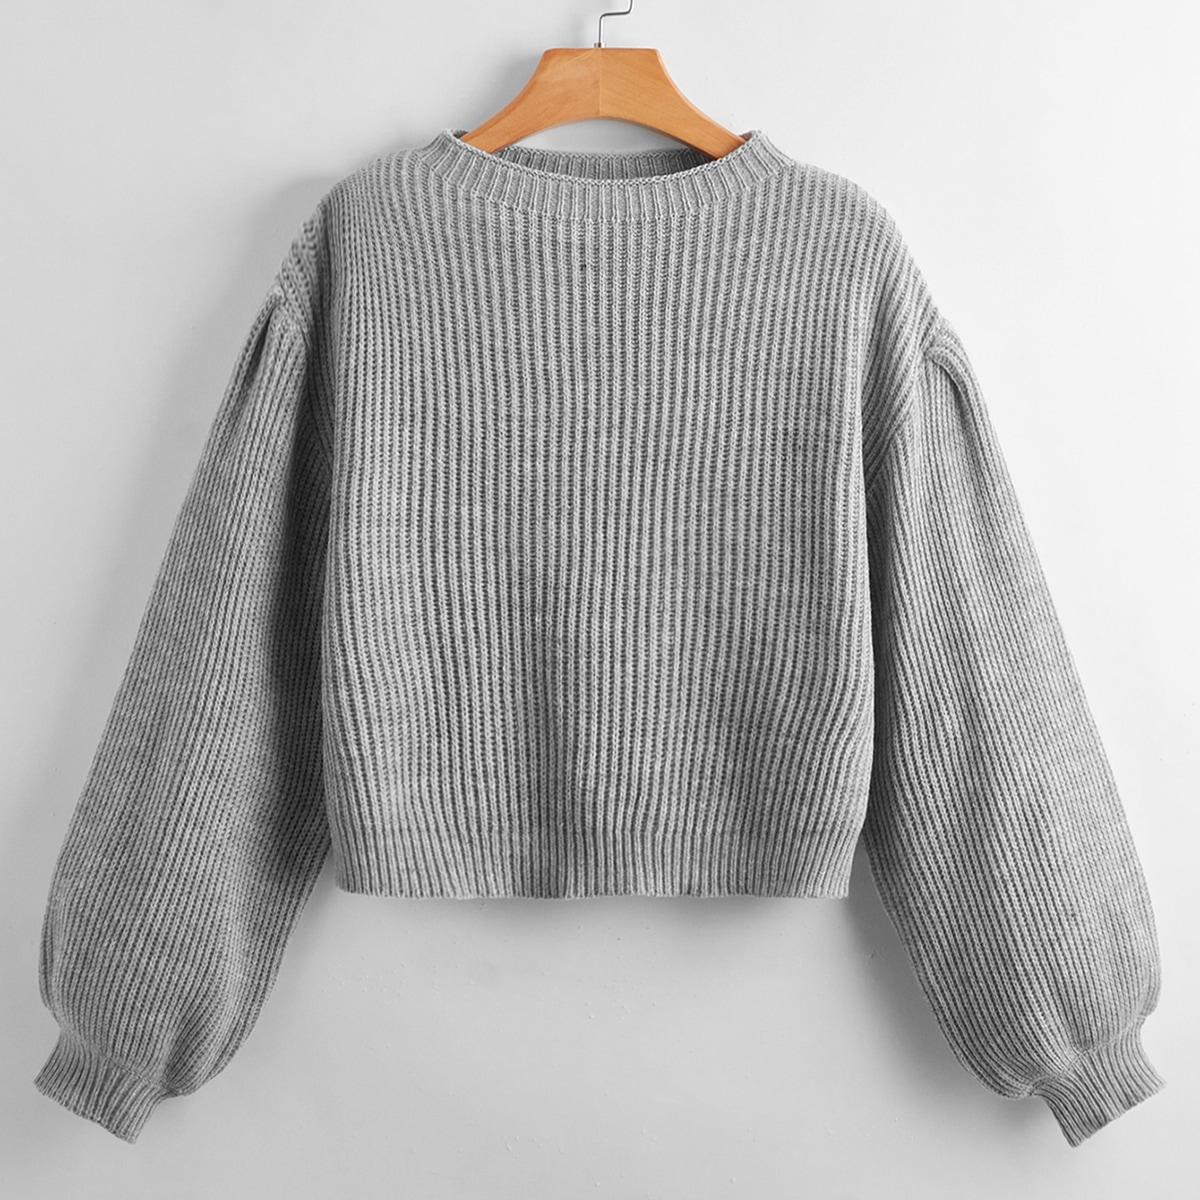 Suéter de manga farol caída unicolor